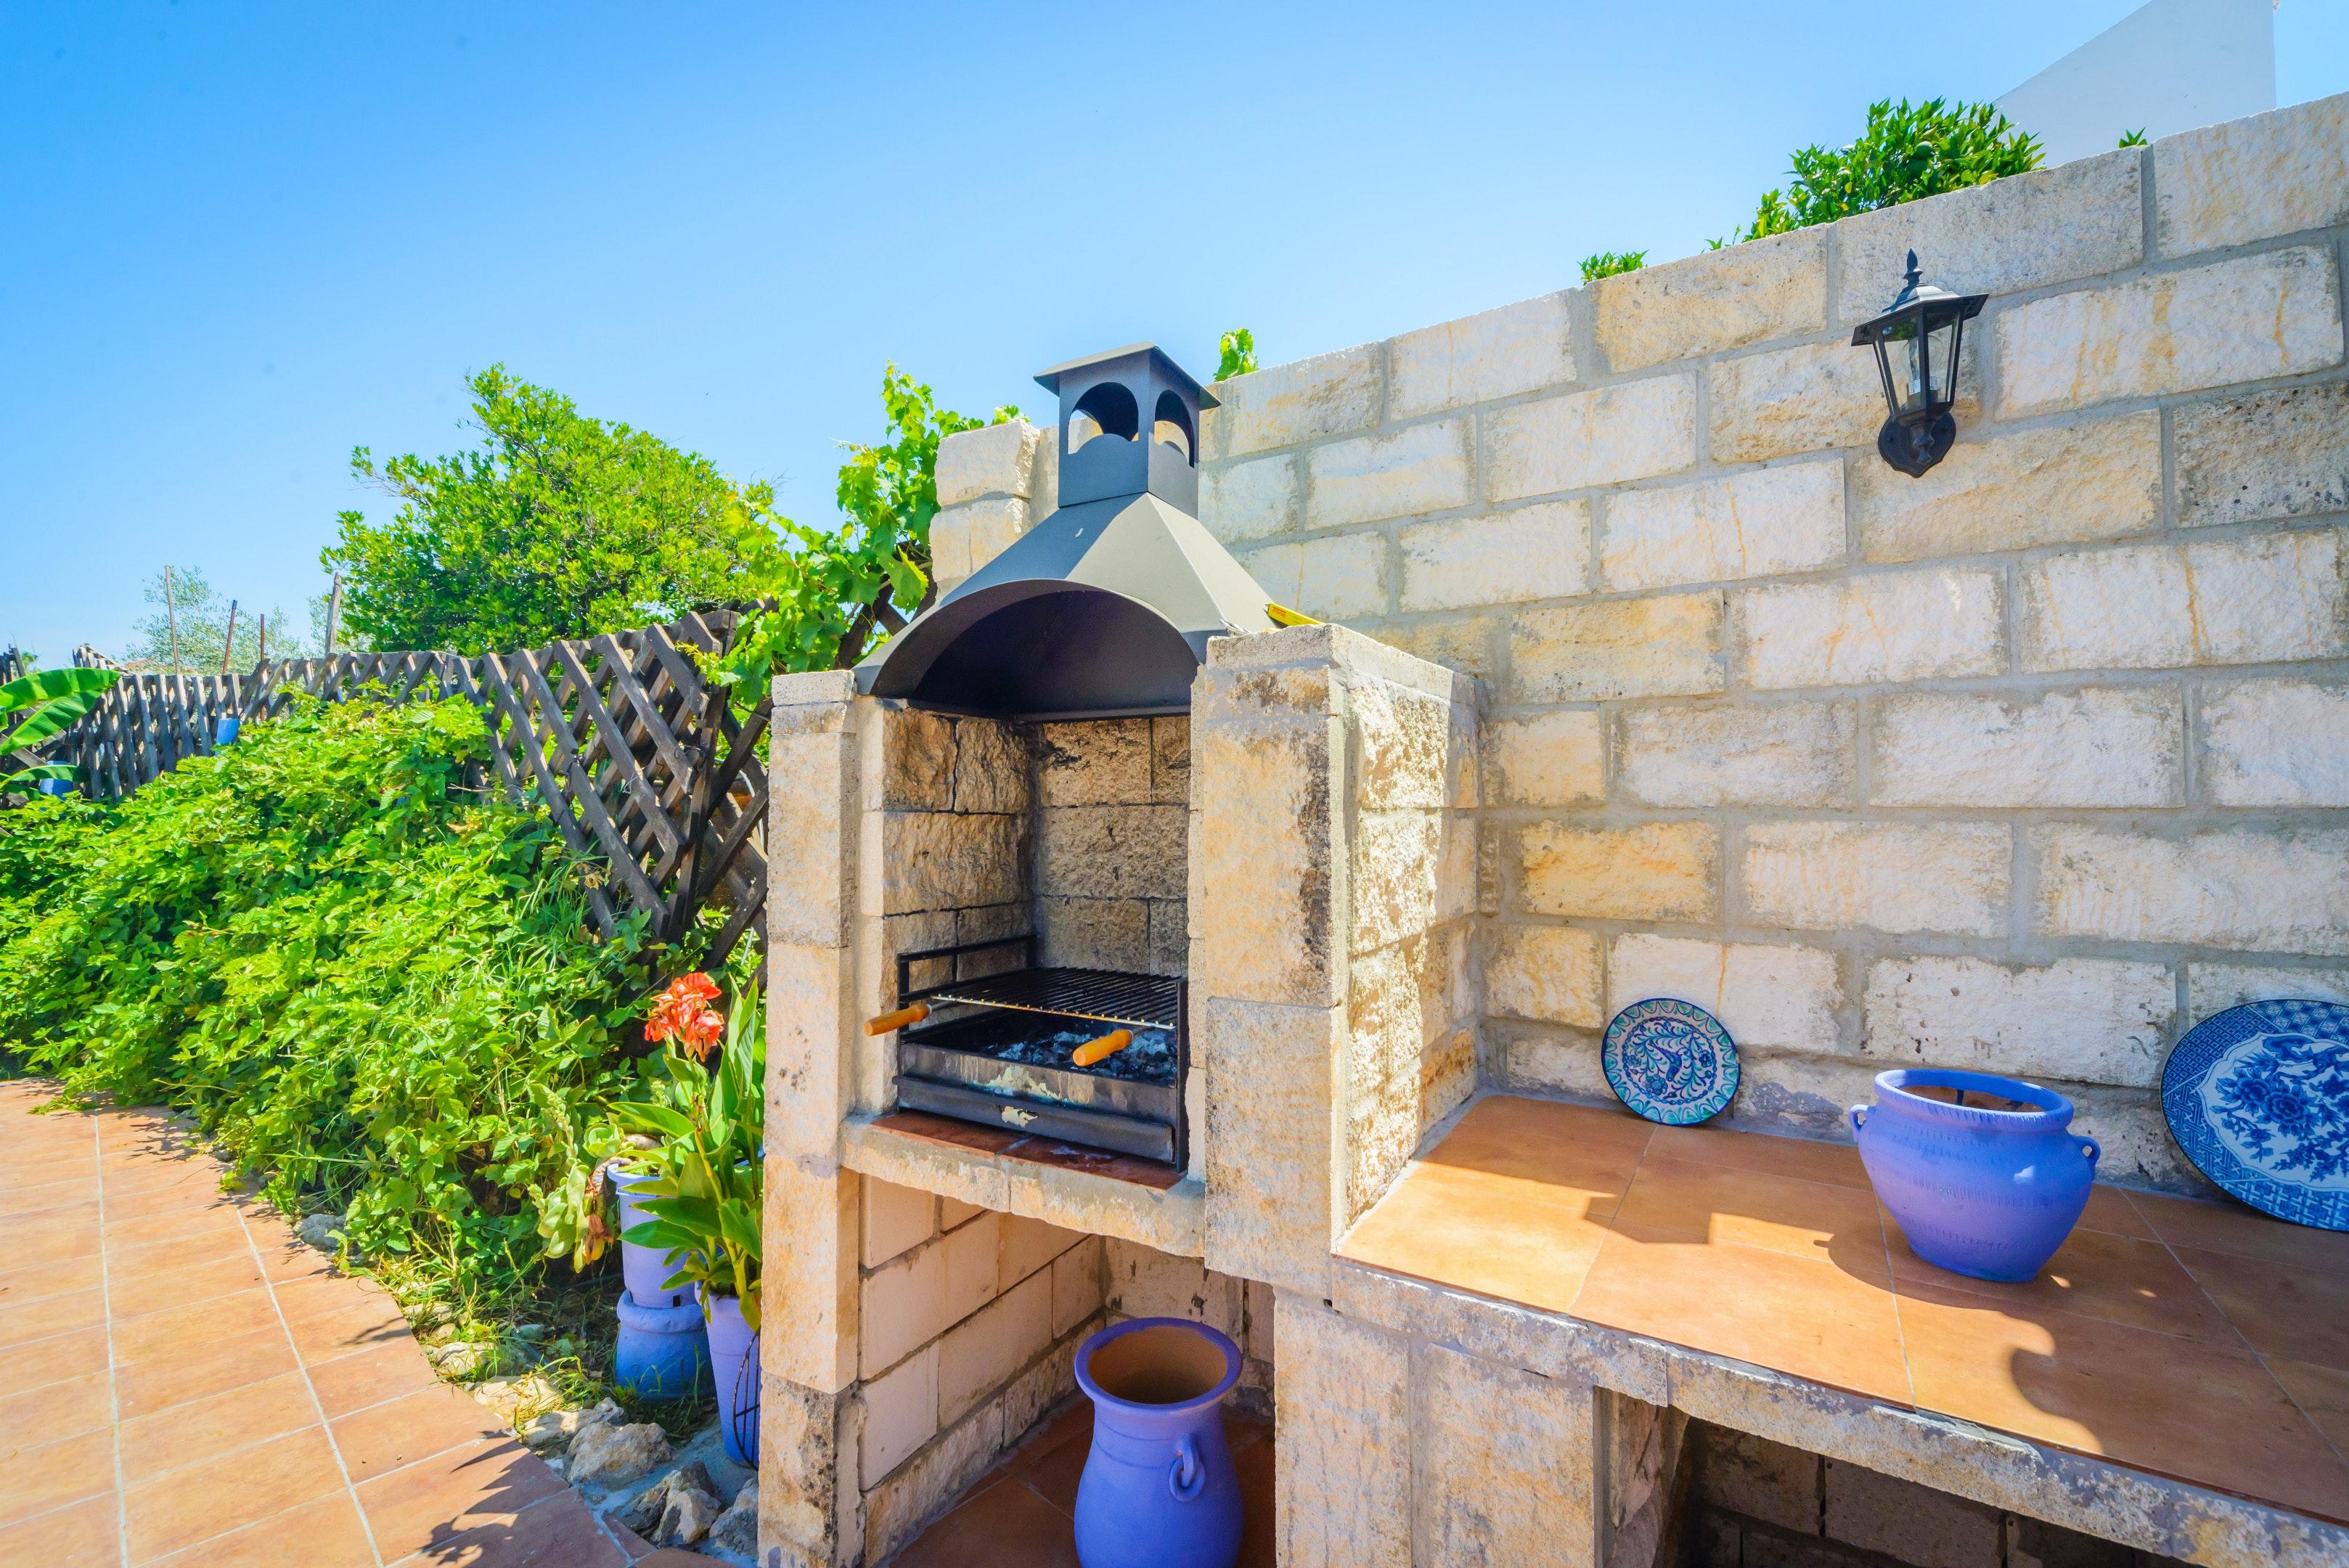 Ferienhaus Villa mit 3 Schlafzimmern in Peñaflor mit privatem Pool, eingezäuntem Garten und W-LAN (2208249), Peñaflor, Sevilla, Andalusien, Spanien, Bild 7